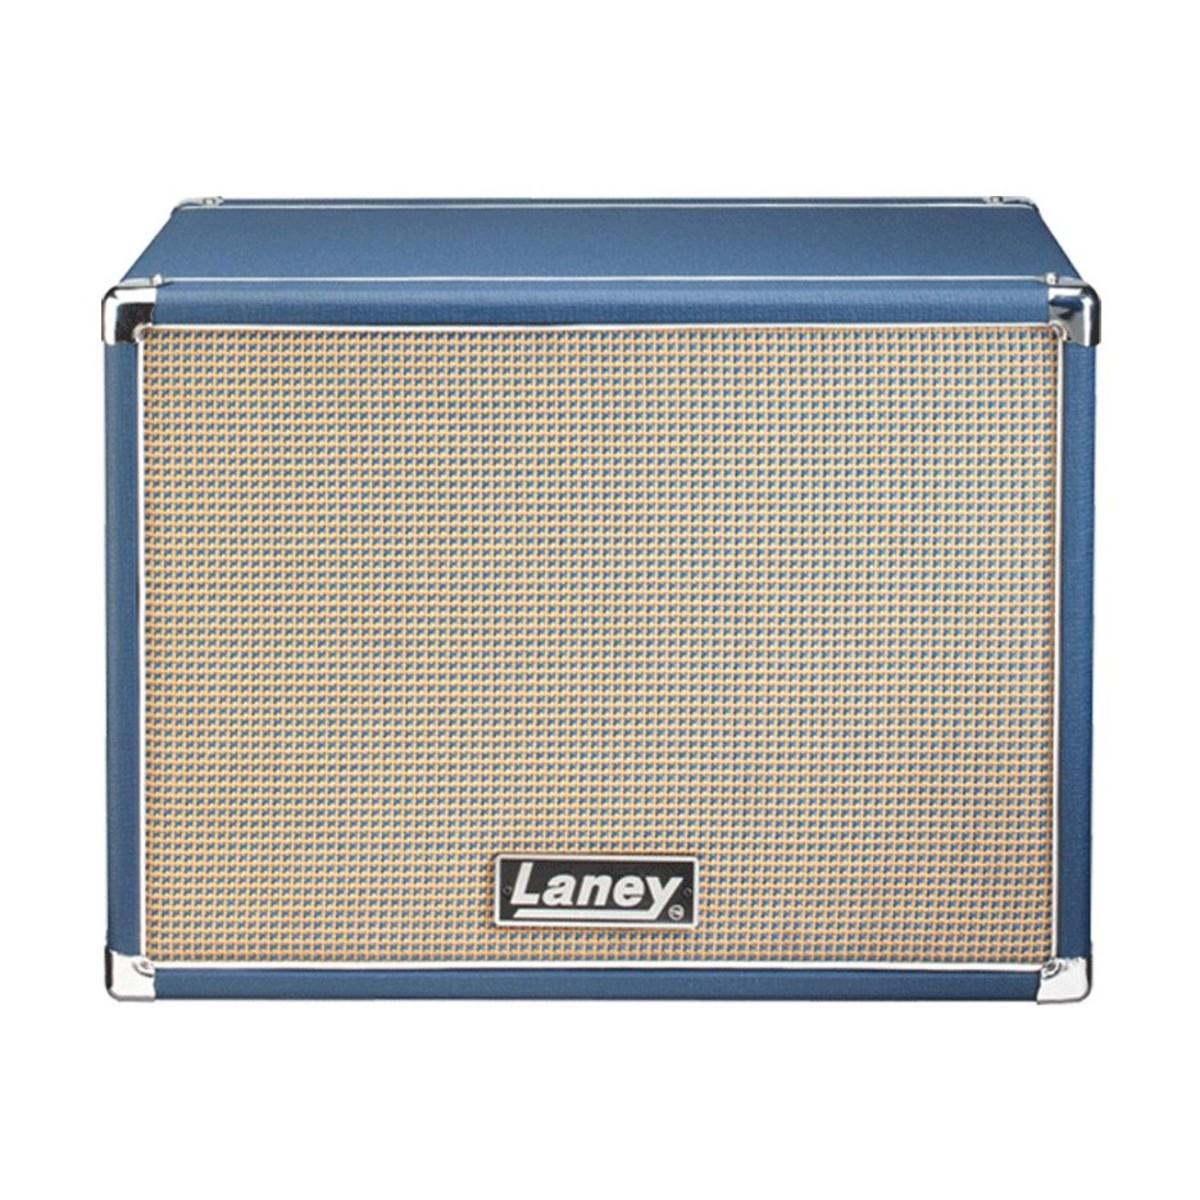 Laney LT112 Lionheart 1x12 Amp Cabinet